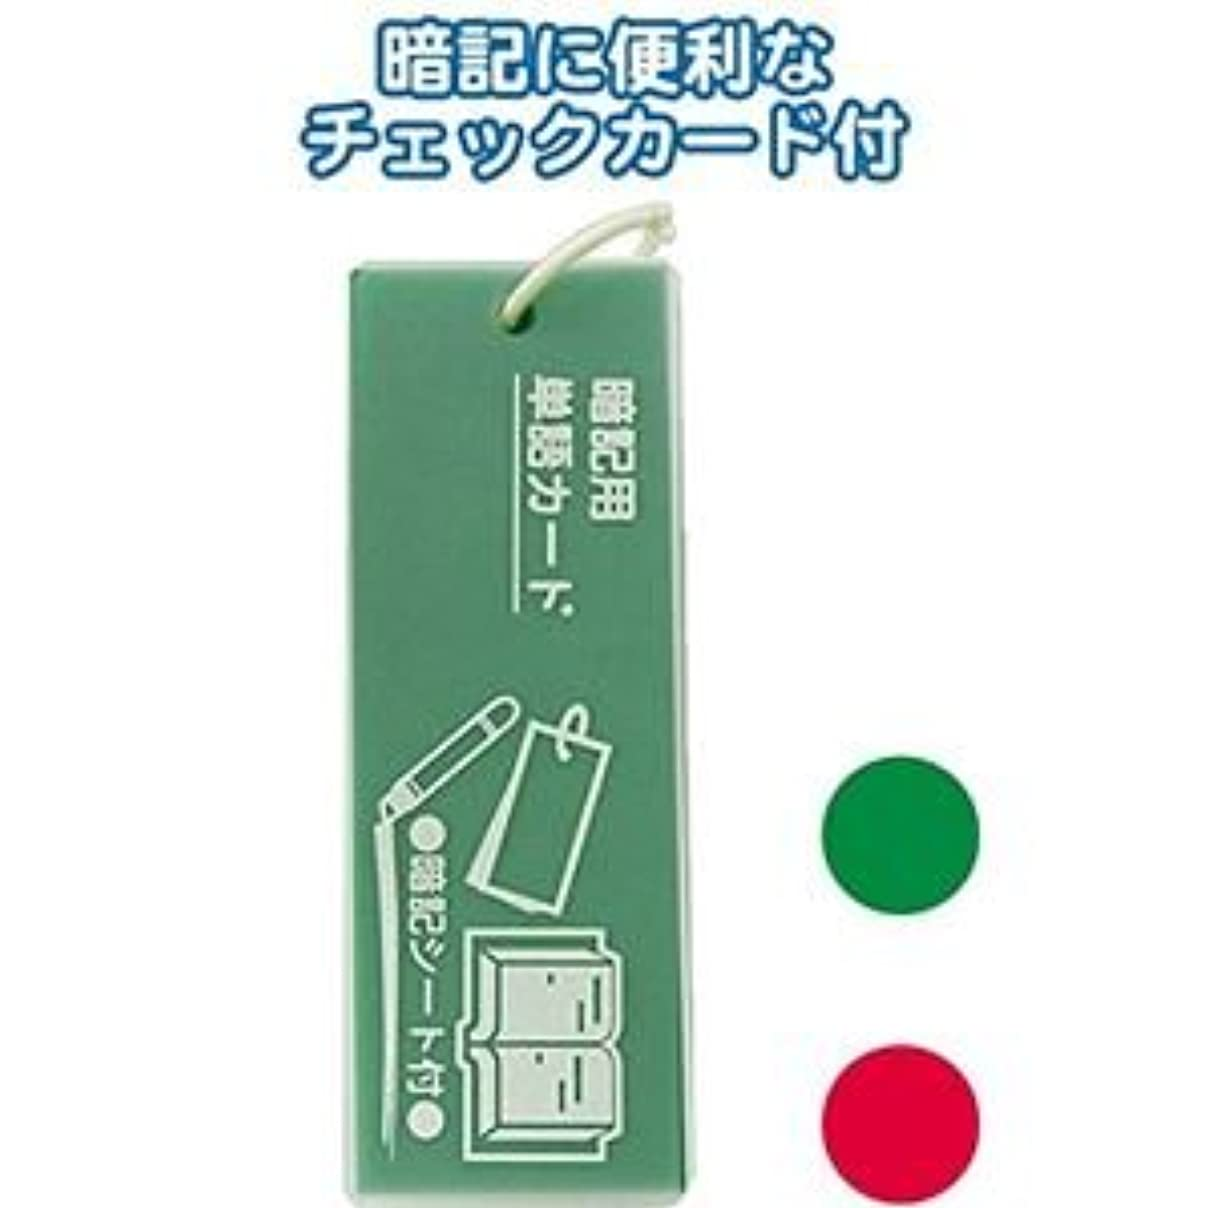 暗記シート付プラ表紙単語カード(大長)133×47mm 【10個セット】 32-267